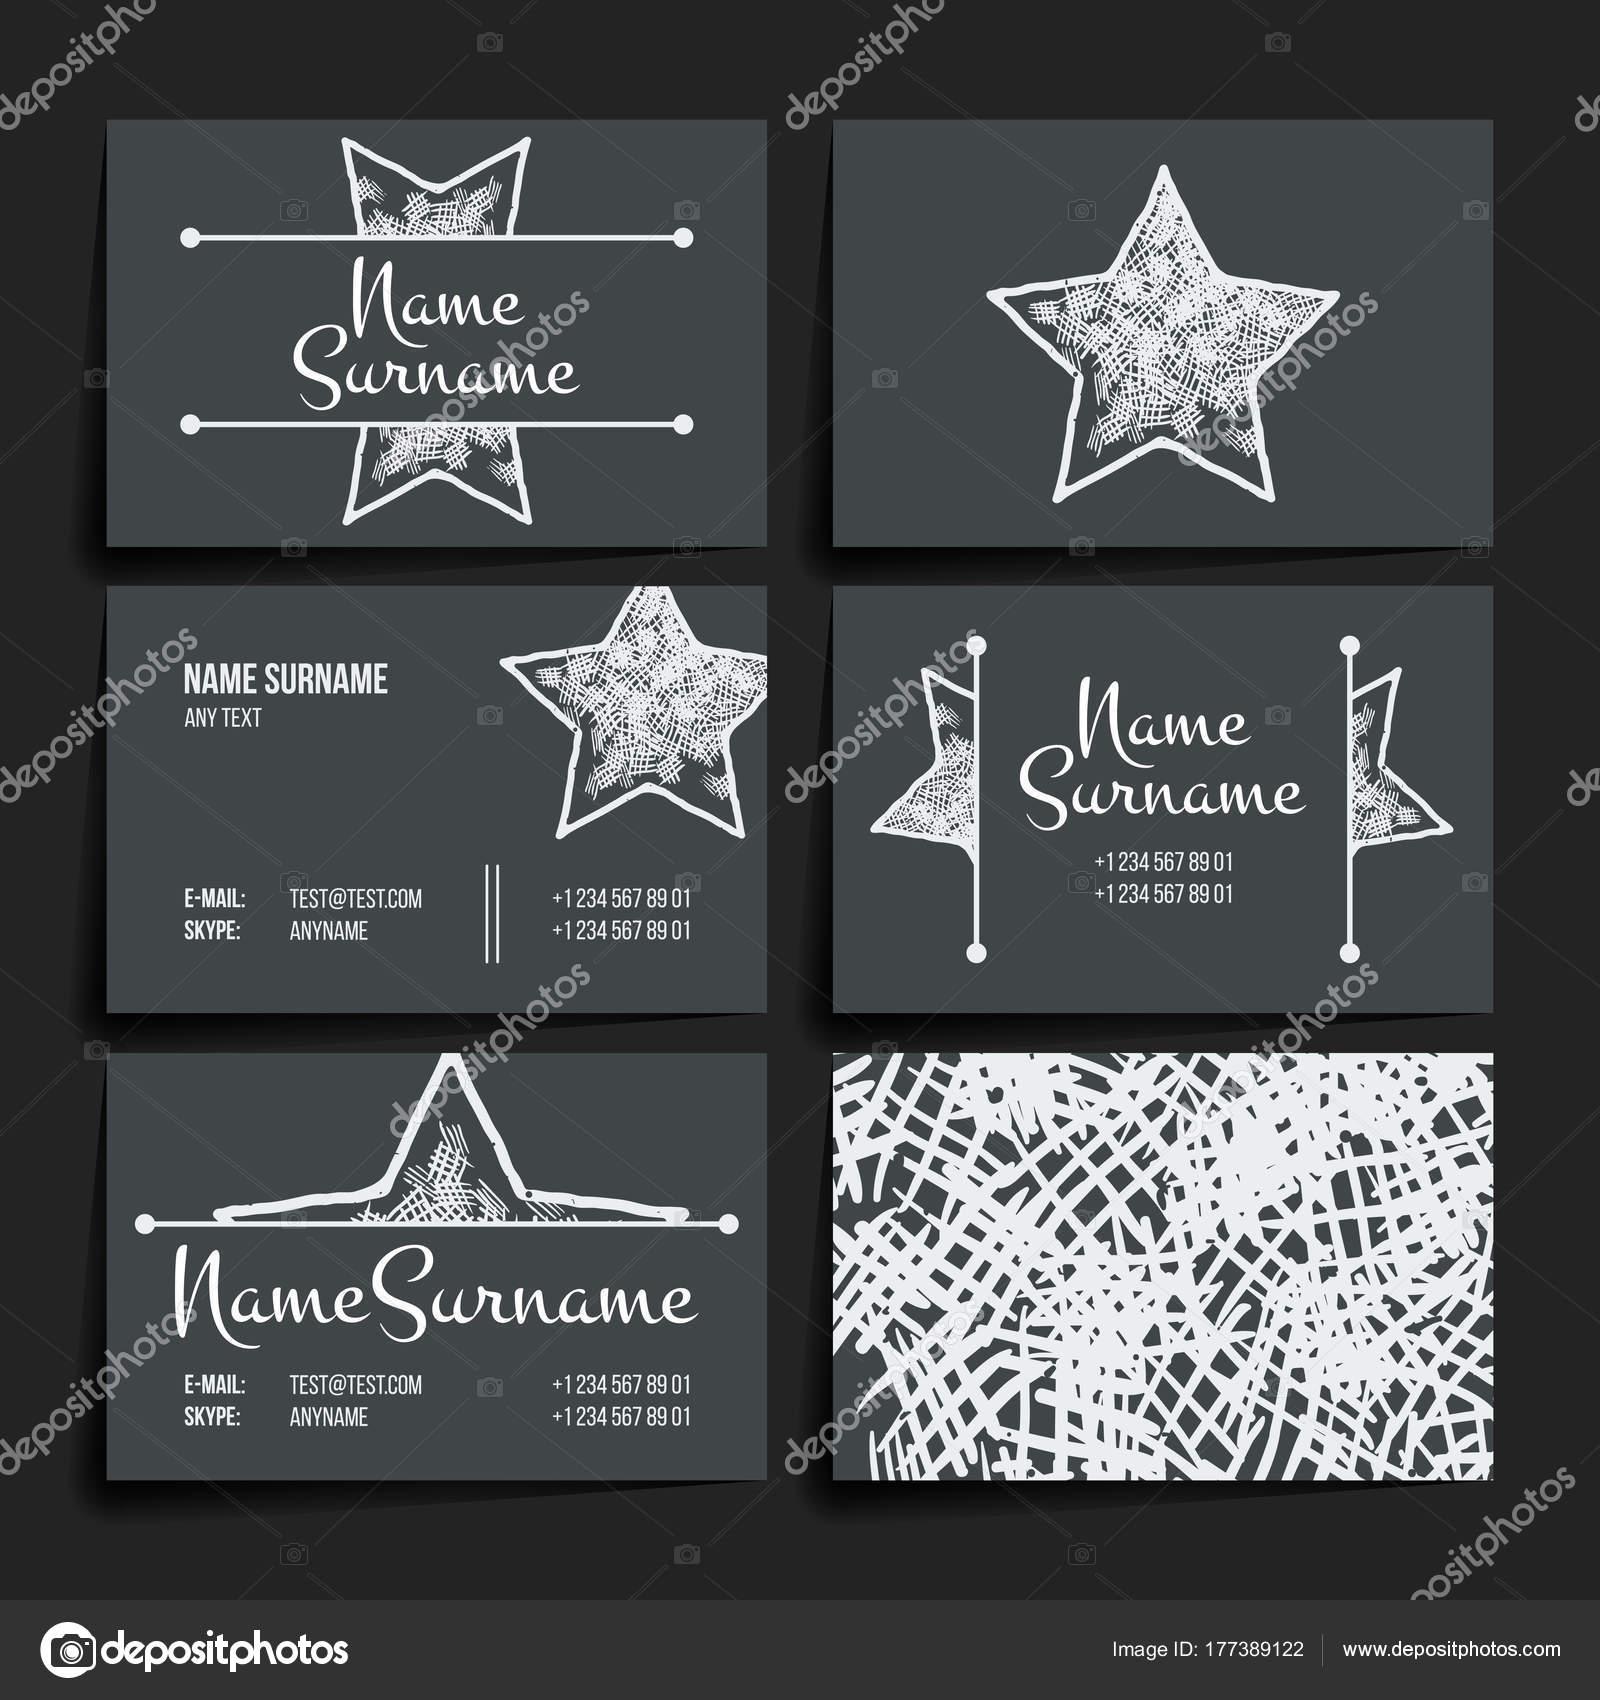 Ensemble De Modles Conception Vecteur Brochures En Style Color Au Hasard Vintage Frames Et Arrire Plans Carte Visite Avec Lment Toile